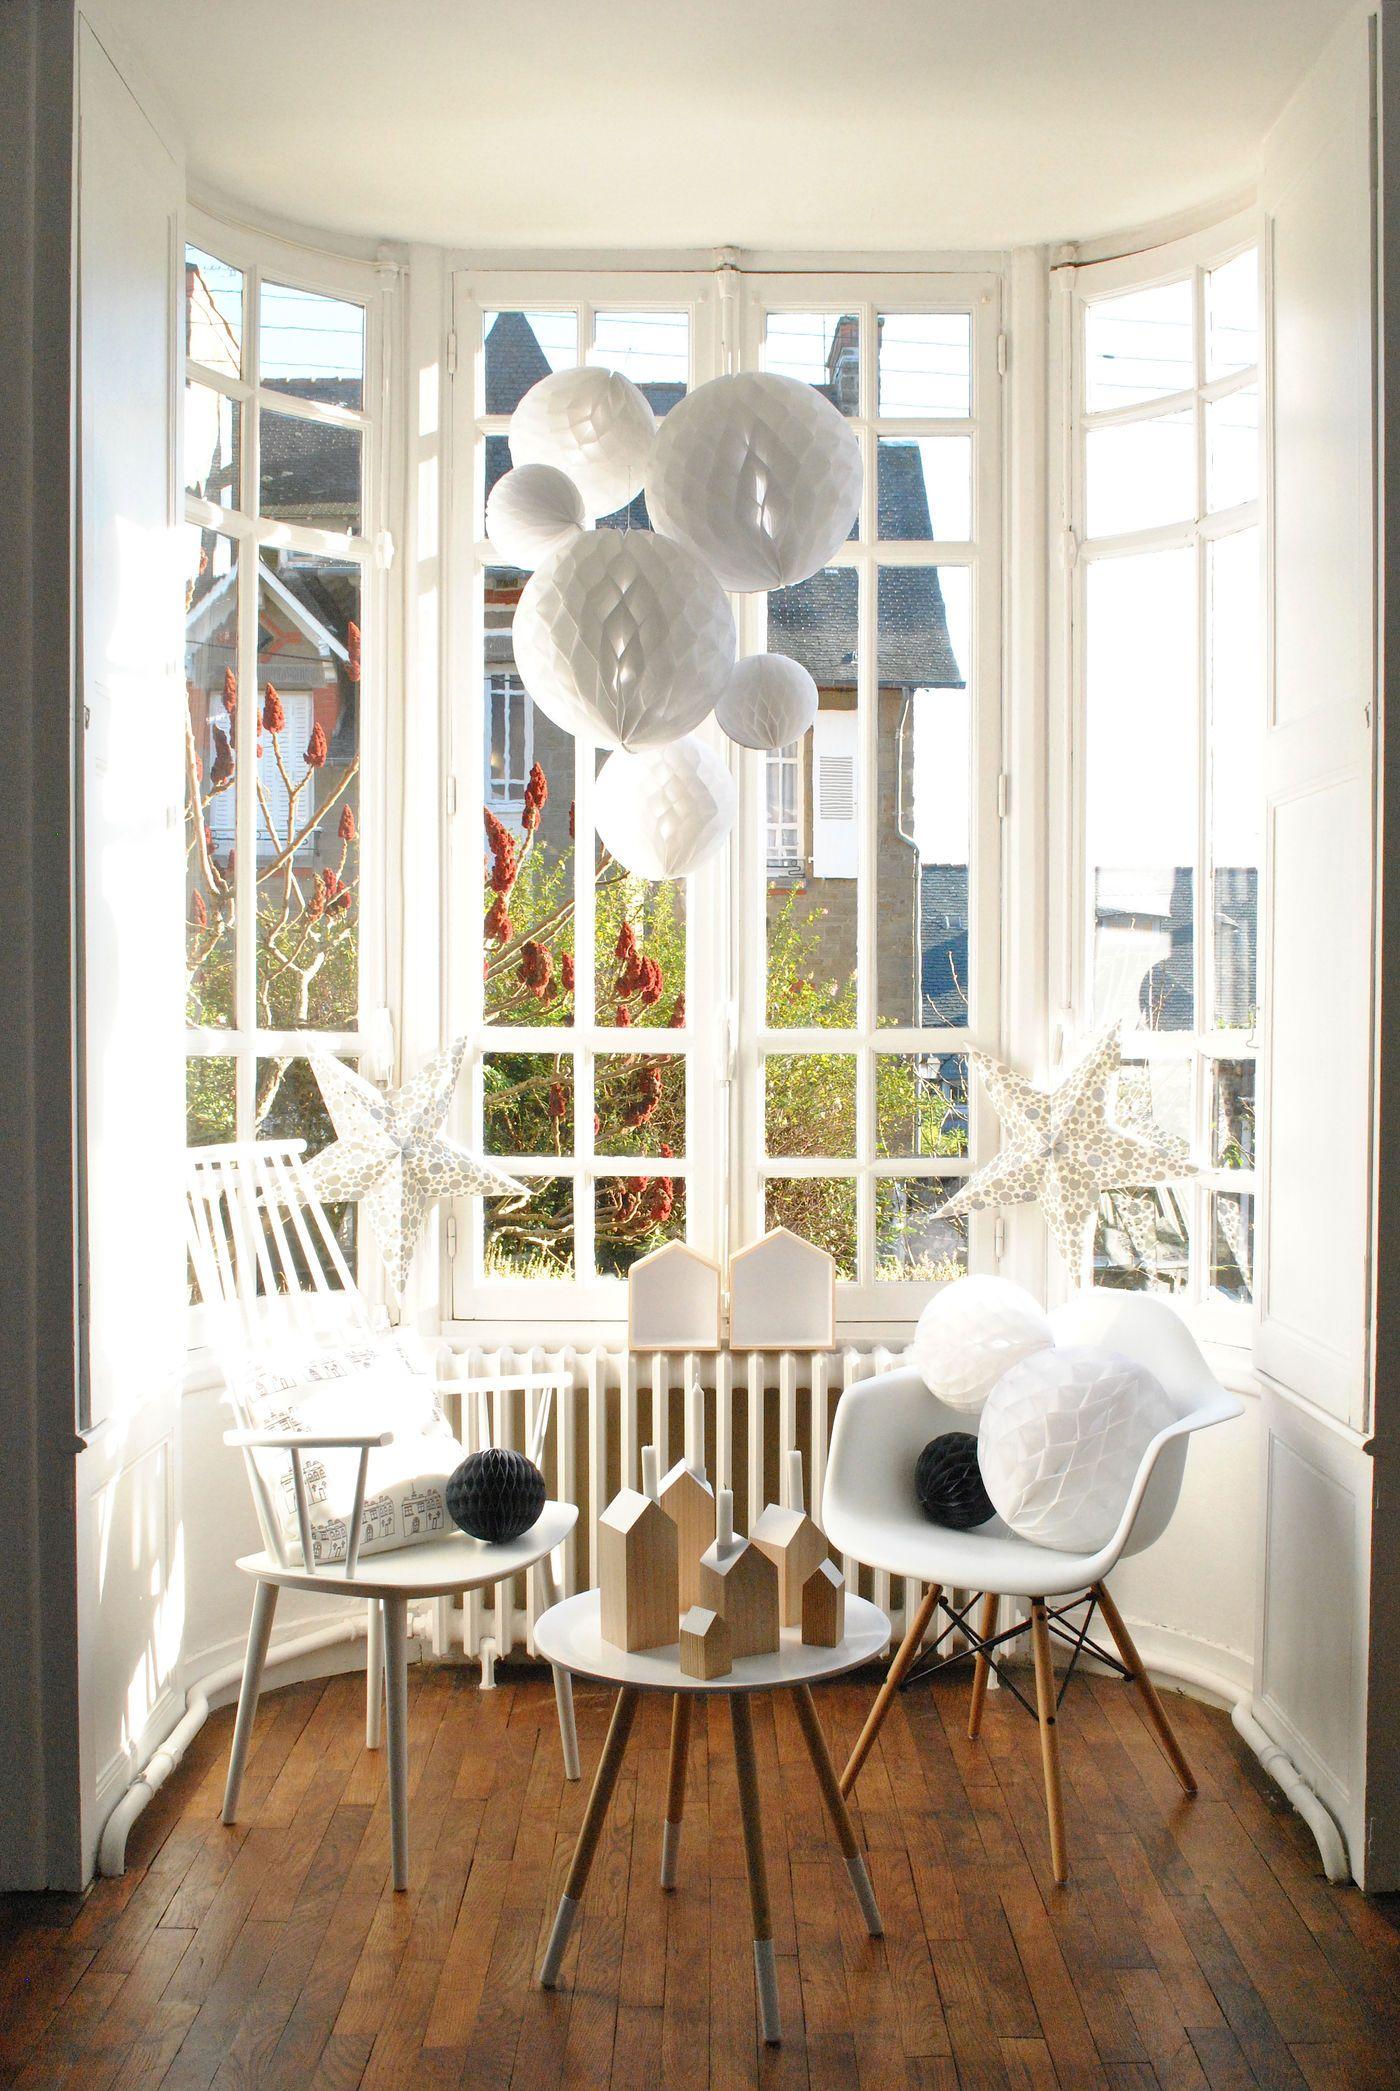 Full Size of Fensterdekoration Gardinen Beispiele Fensterdeko Schne Ideen Zum Dekorieren Für Küche Fenster Schlafzimmer Scheibengardinen Wohnzimmer Die Wohnzimmer Fensterdekoration Gardinen Beispiele